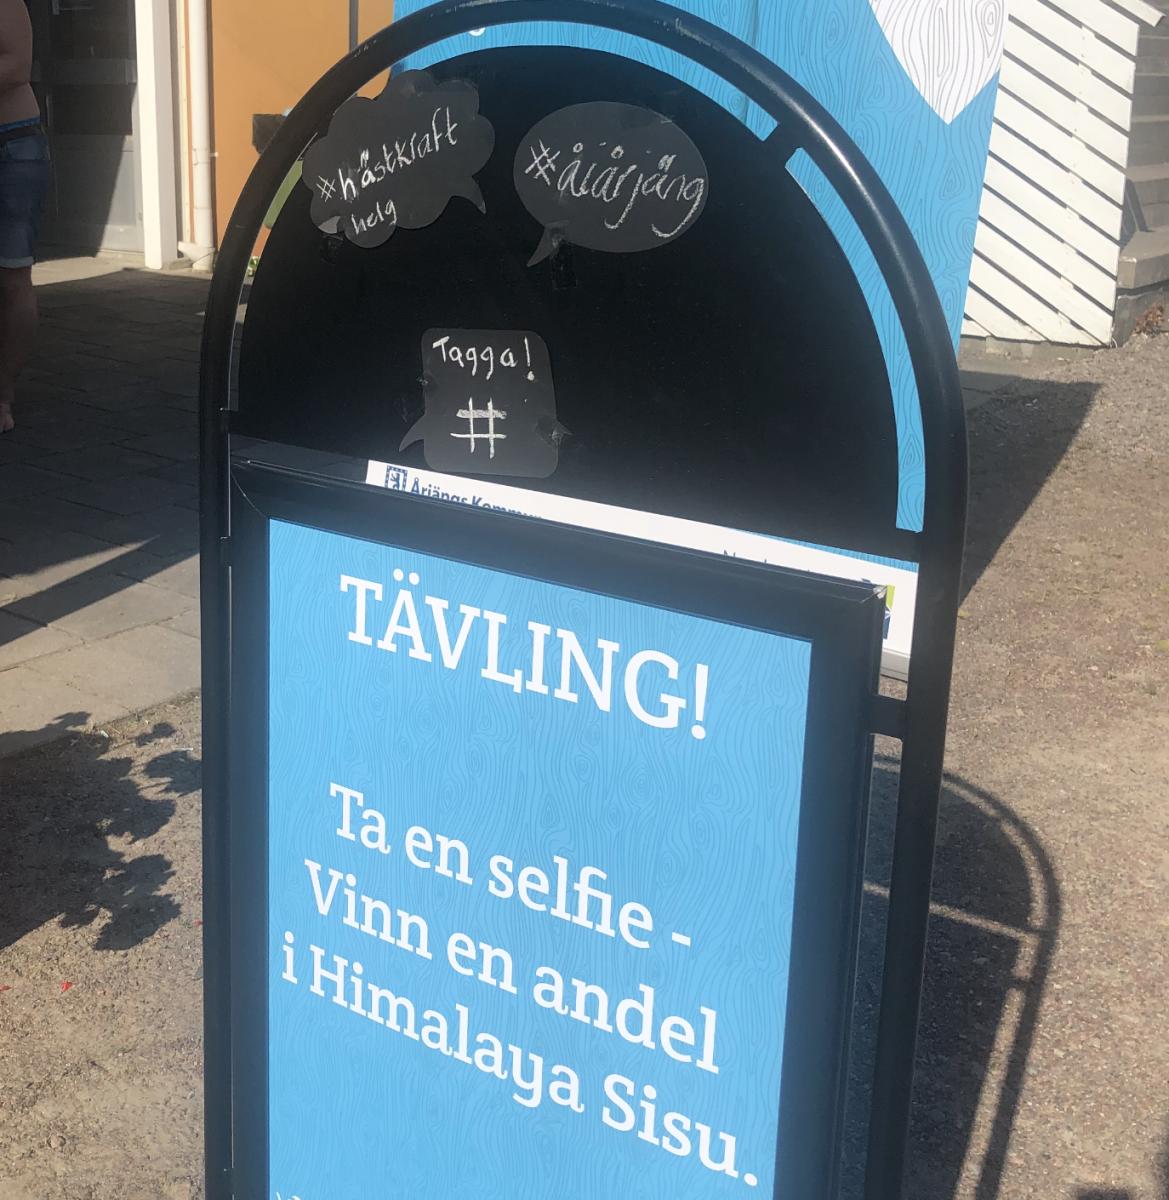 kampanj film rörlig bild trycksak hello kommunikationsbyrå svanqvist tryckeri